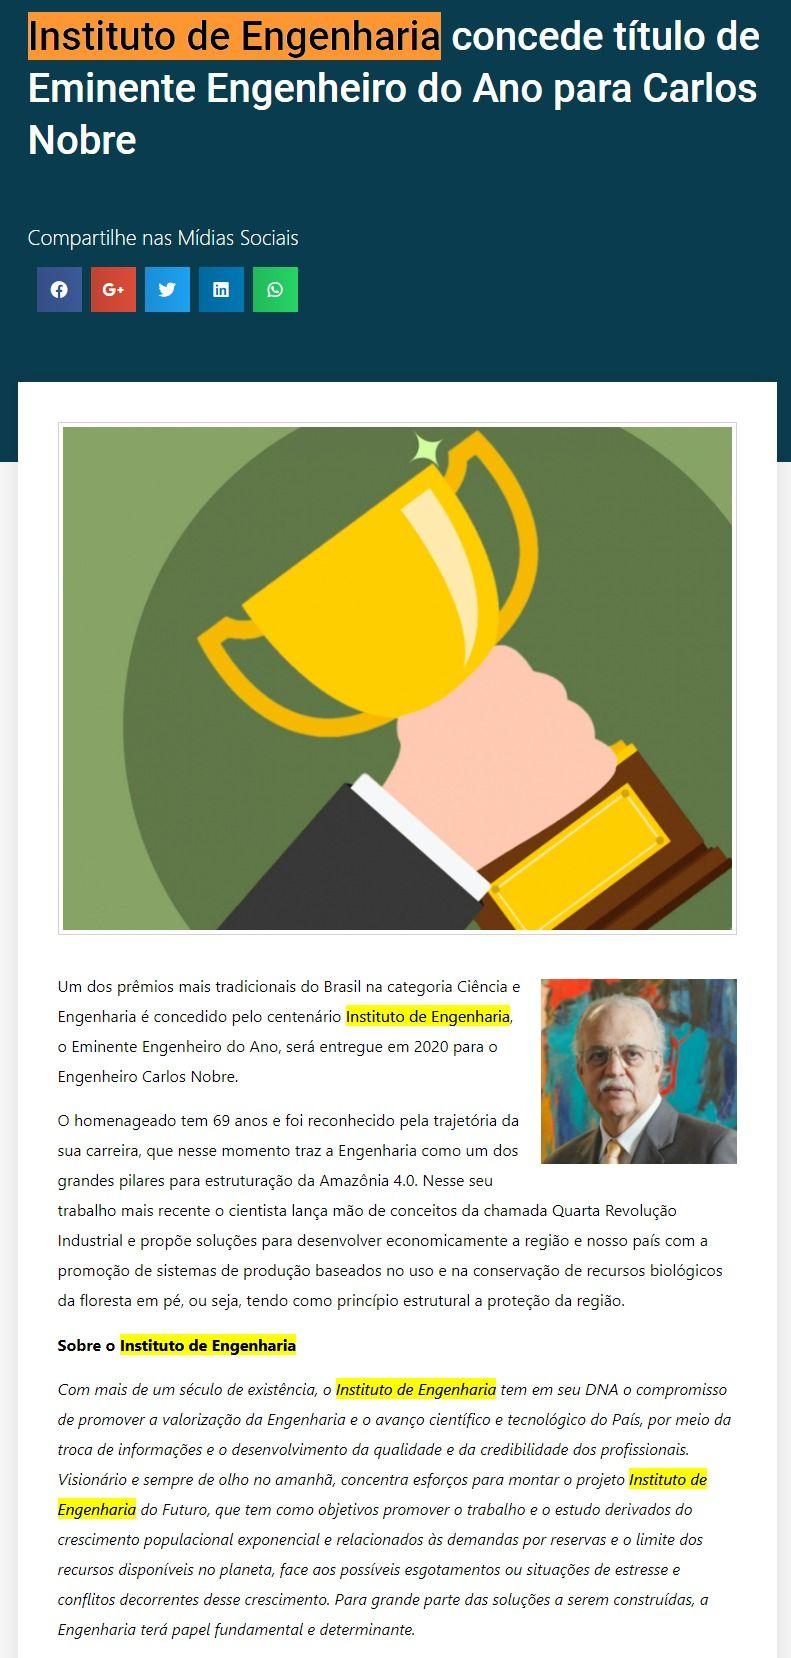 Instituto de Engenharia concede título de Eminente Engenheiro do Ano para Carlos Nobre - Negócios.Pro.BR